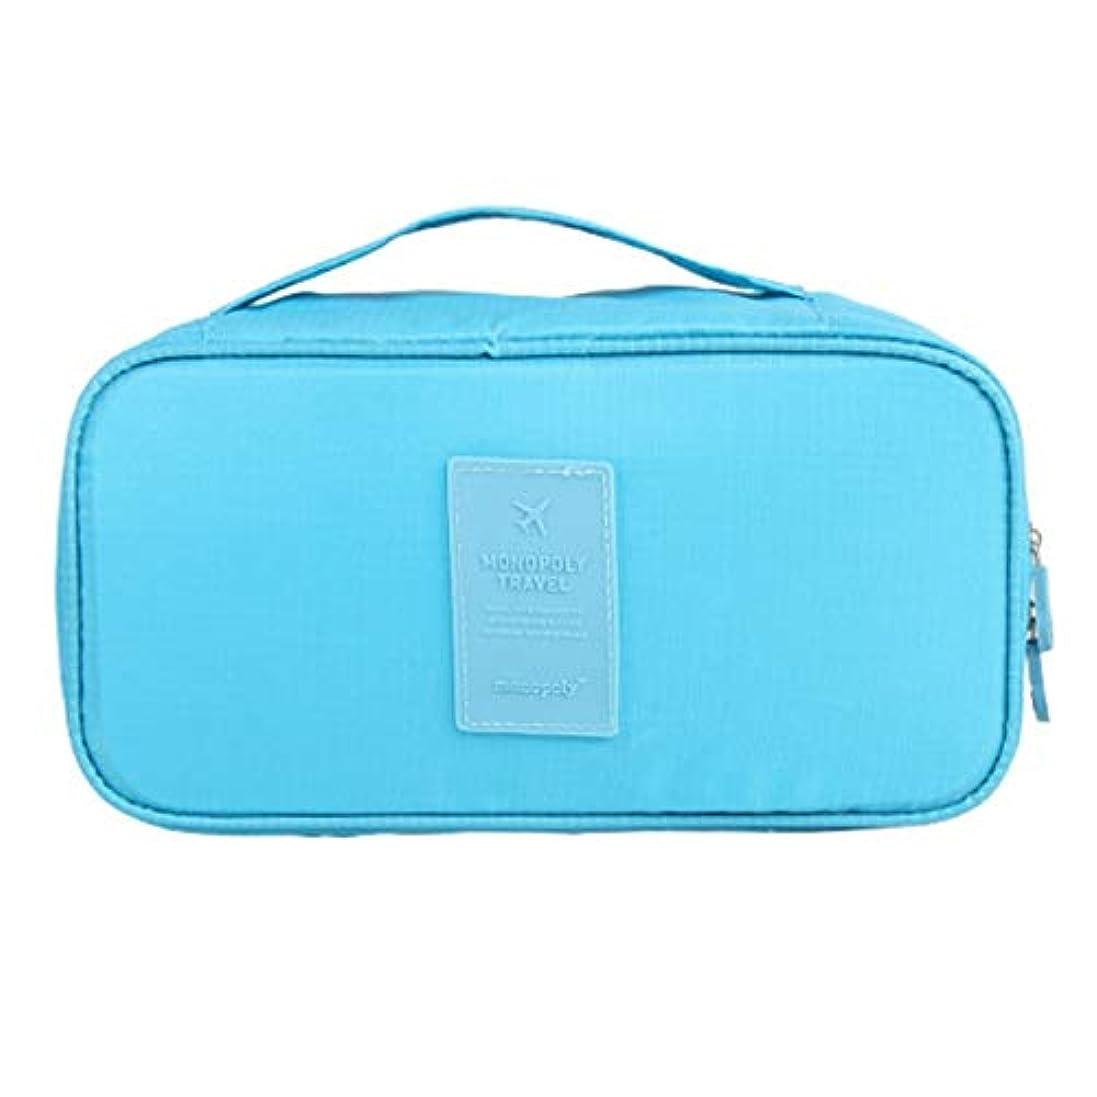 想像力豊かなリスク選ぶ化粧オーガナイザーバッグ 旅行用品旅行用シェービングヘアバッグ 化粧品ケース (色 : 青)